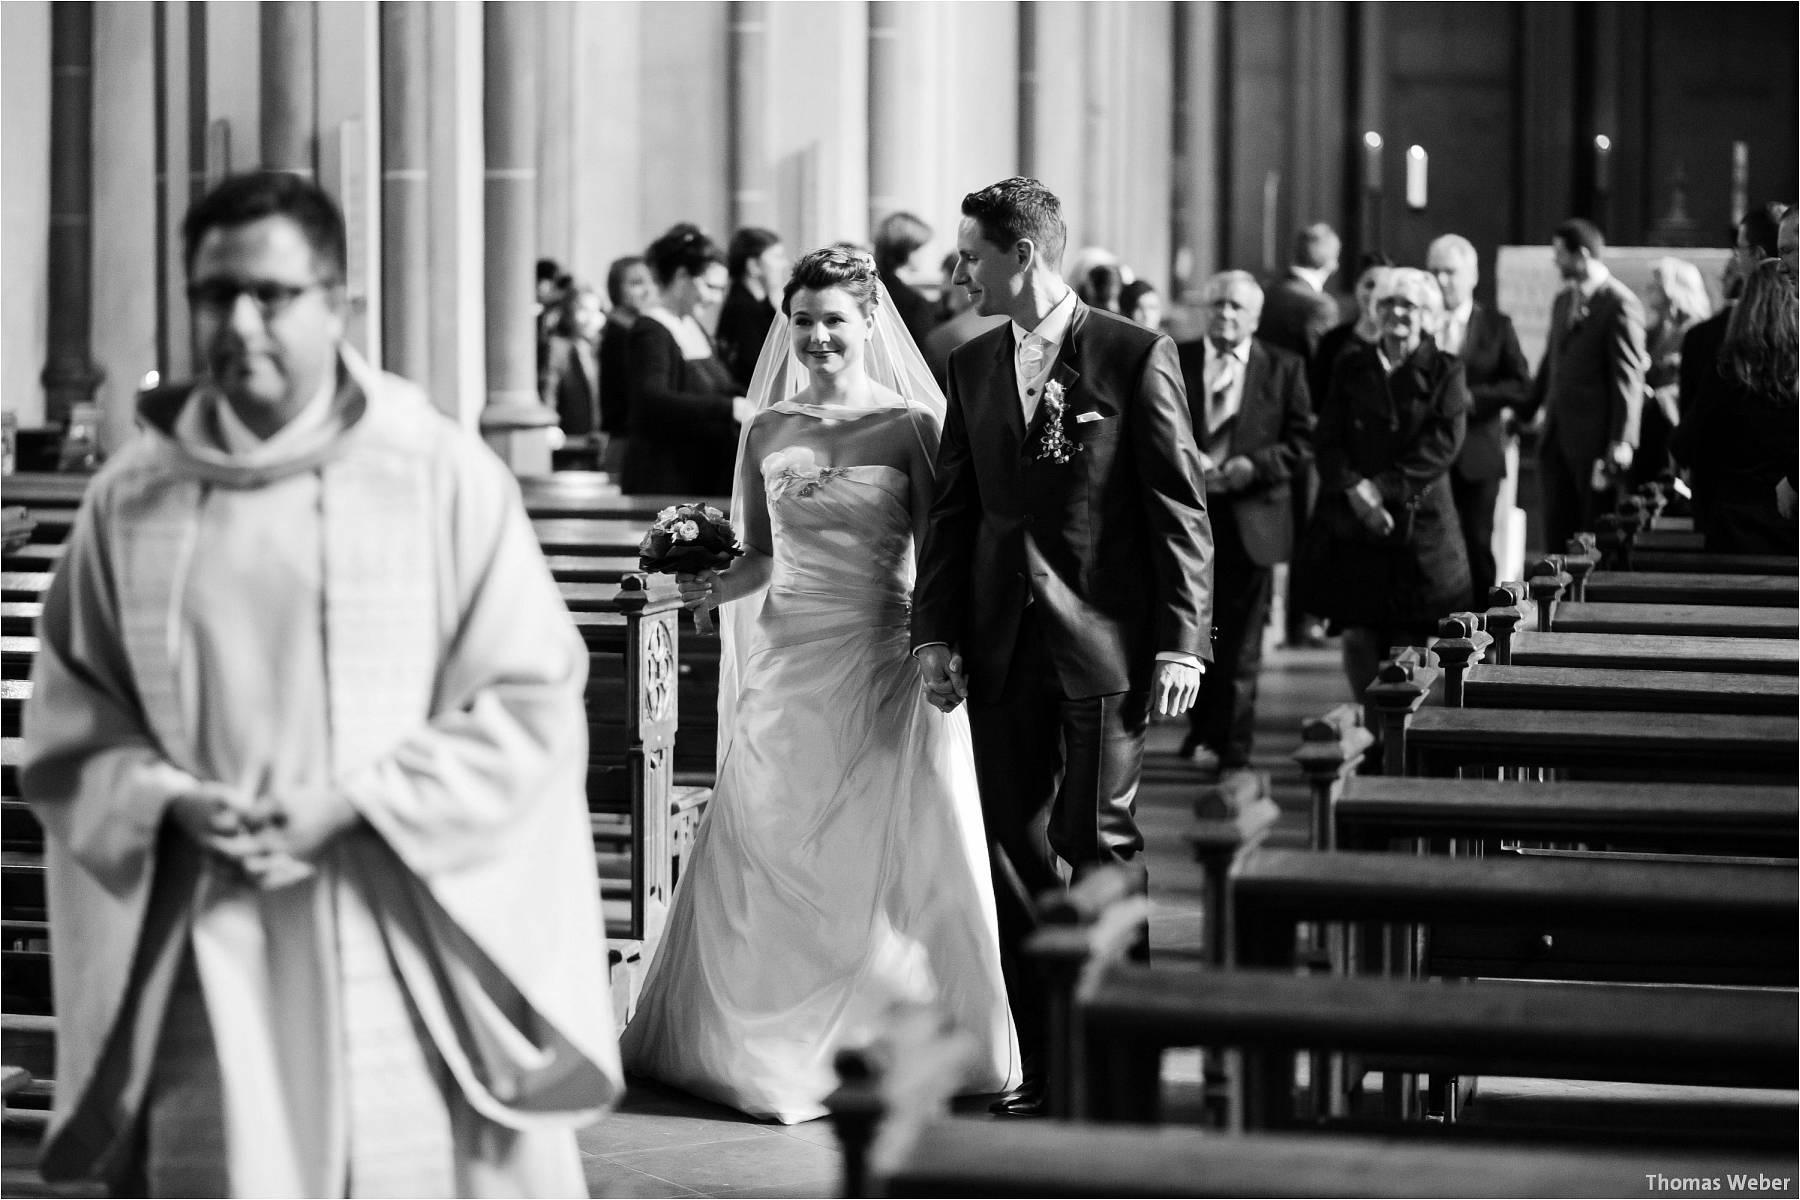 Hochzeitsfotograf Bremen: Kirchliche Trauung in der Propsteikirche St. Johann im Bremer Schnoor und Hochzeitsfeier bei Rogge Dünsen (13)